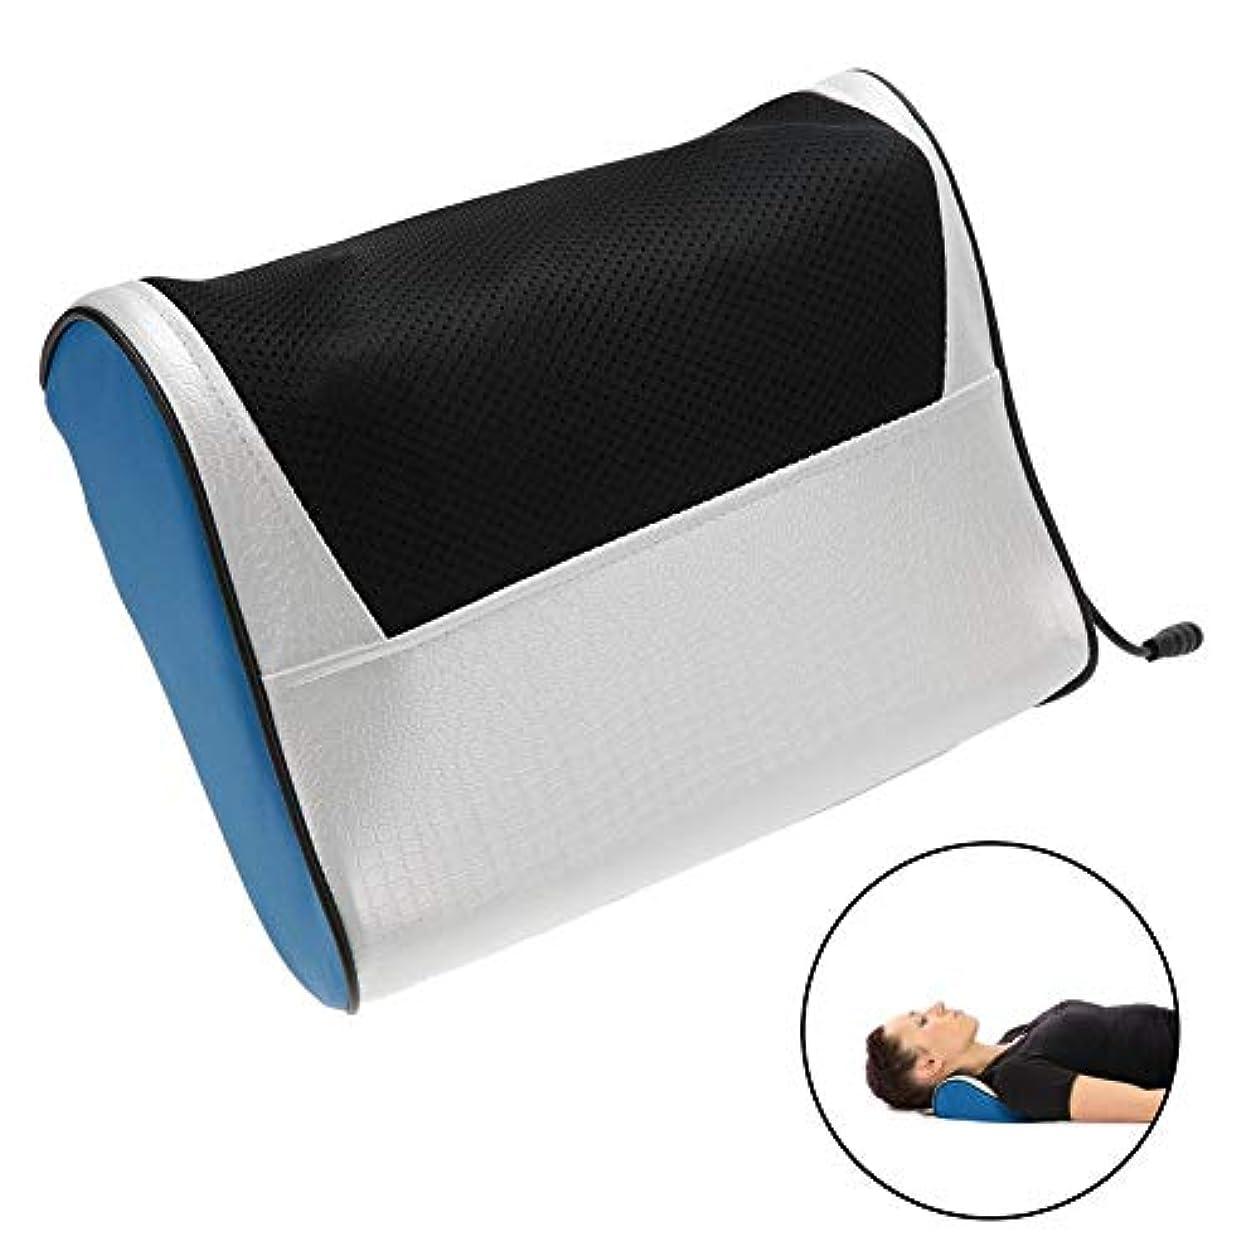 おとこスイくるくる指圧枕マッサージ、多機能電動ネックショルダーボディマッサージ枕熱疲労緩和